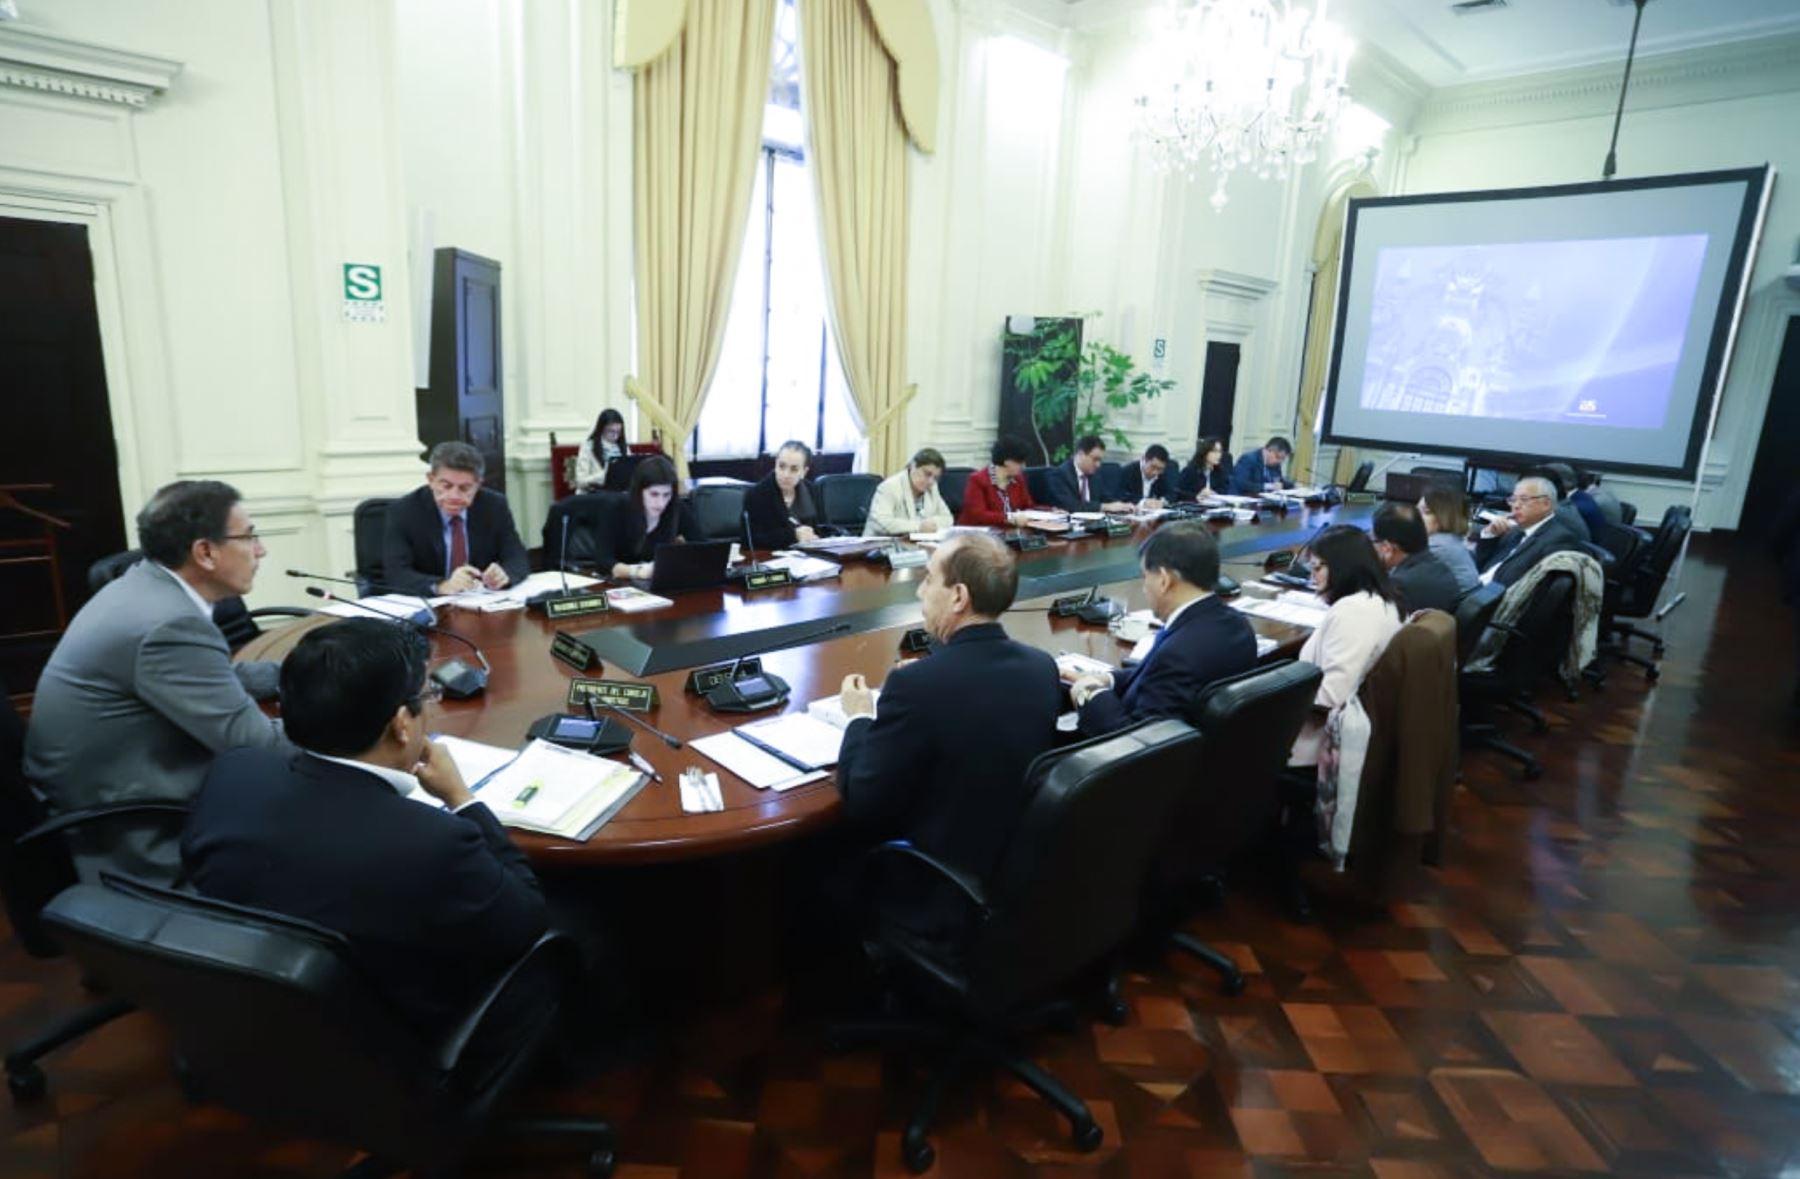 Decreto de urgencia que modifica arbitrajes con el Estado: algunas apreciaciones